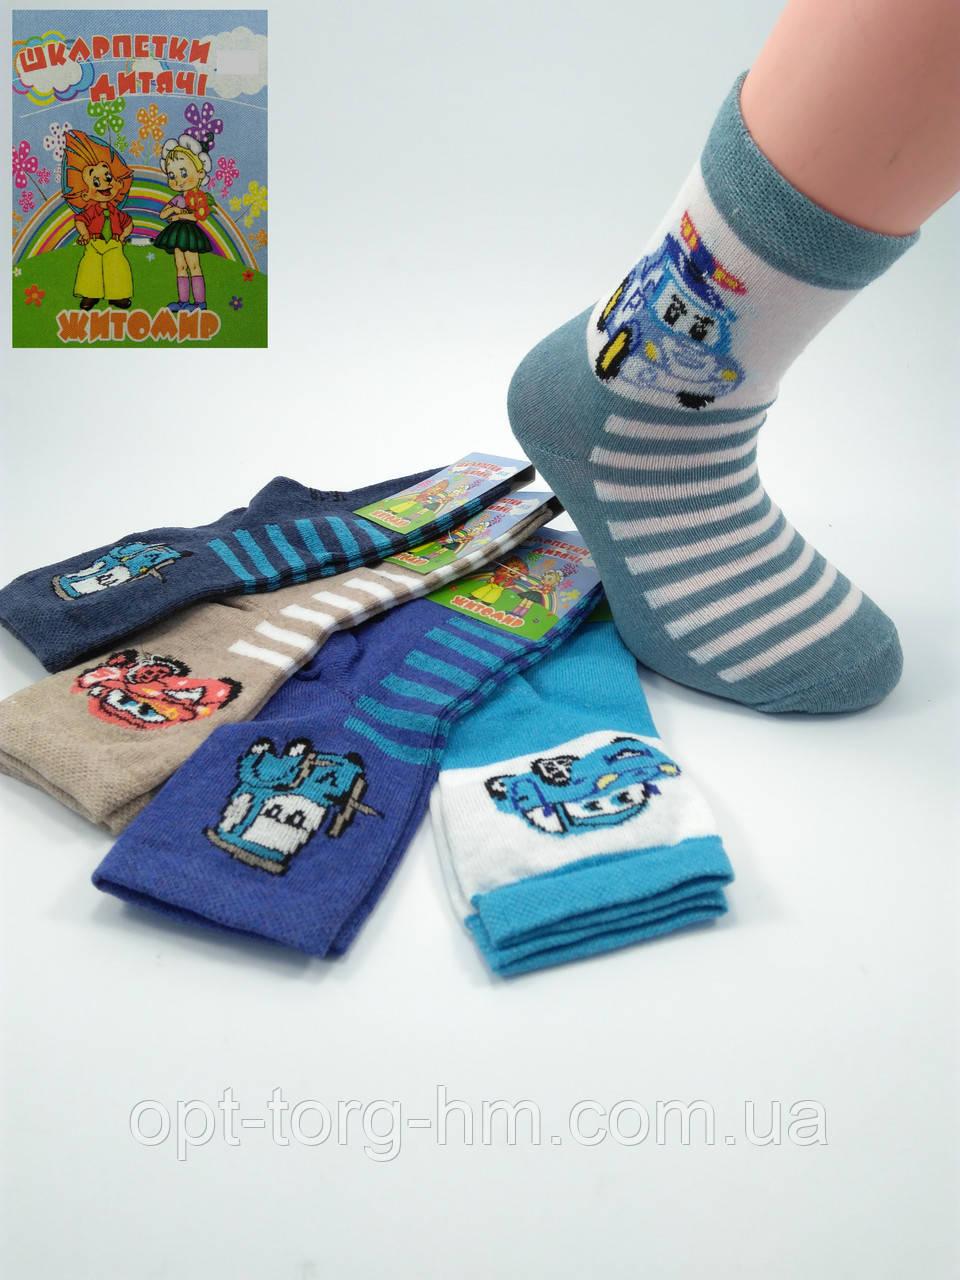 Детские носки Микс 16-18 (25-28обувь)